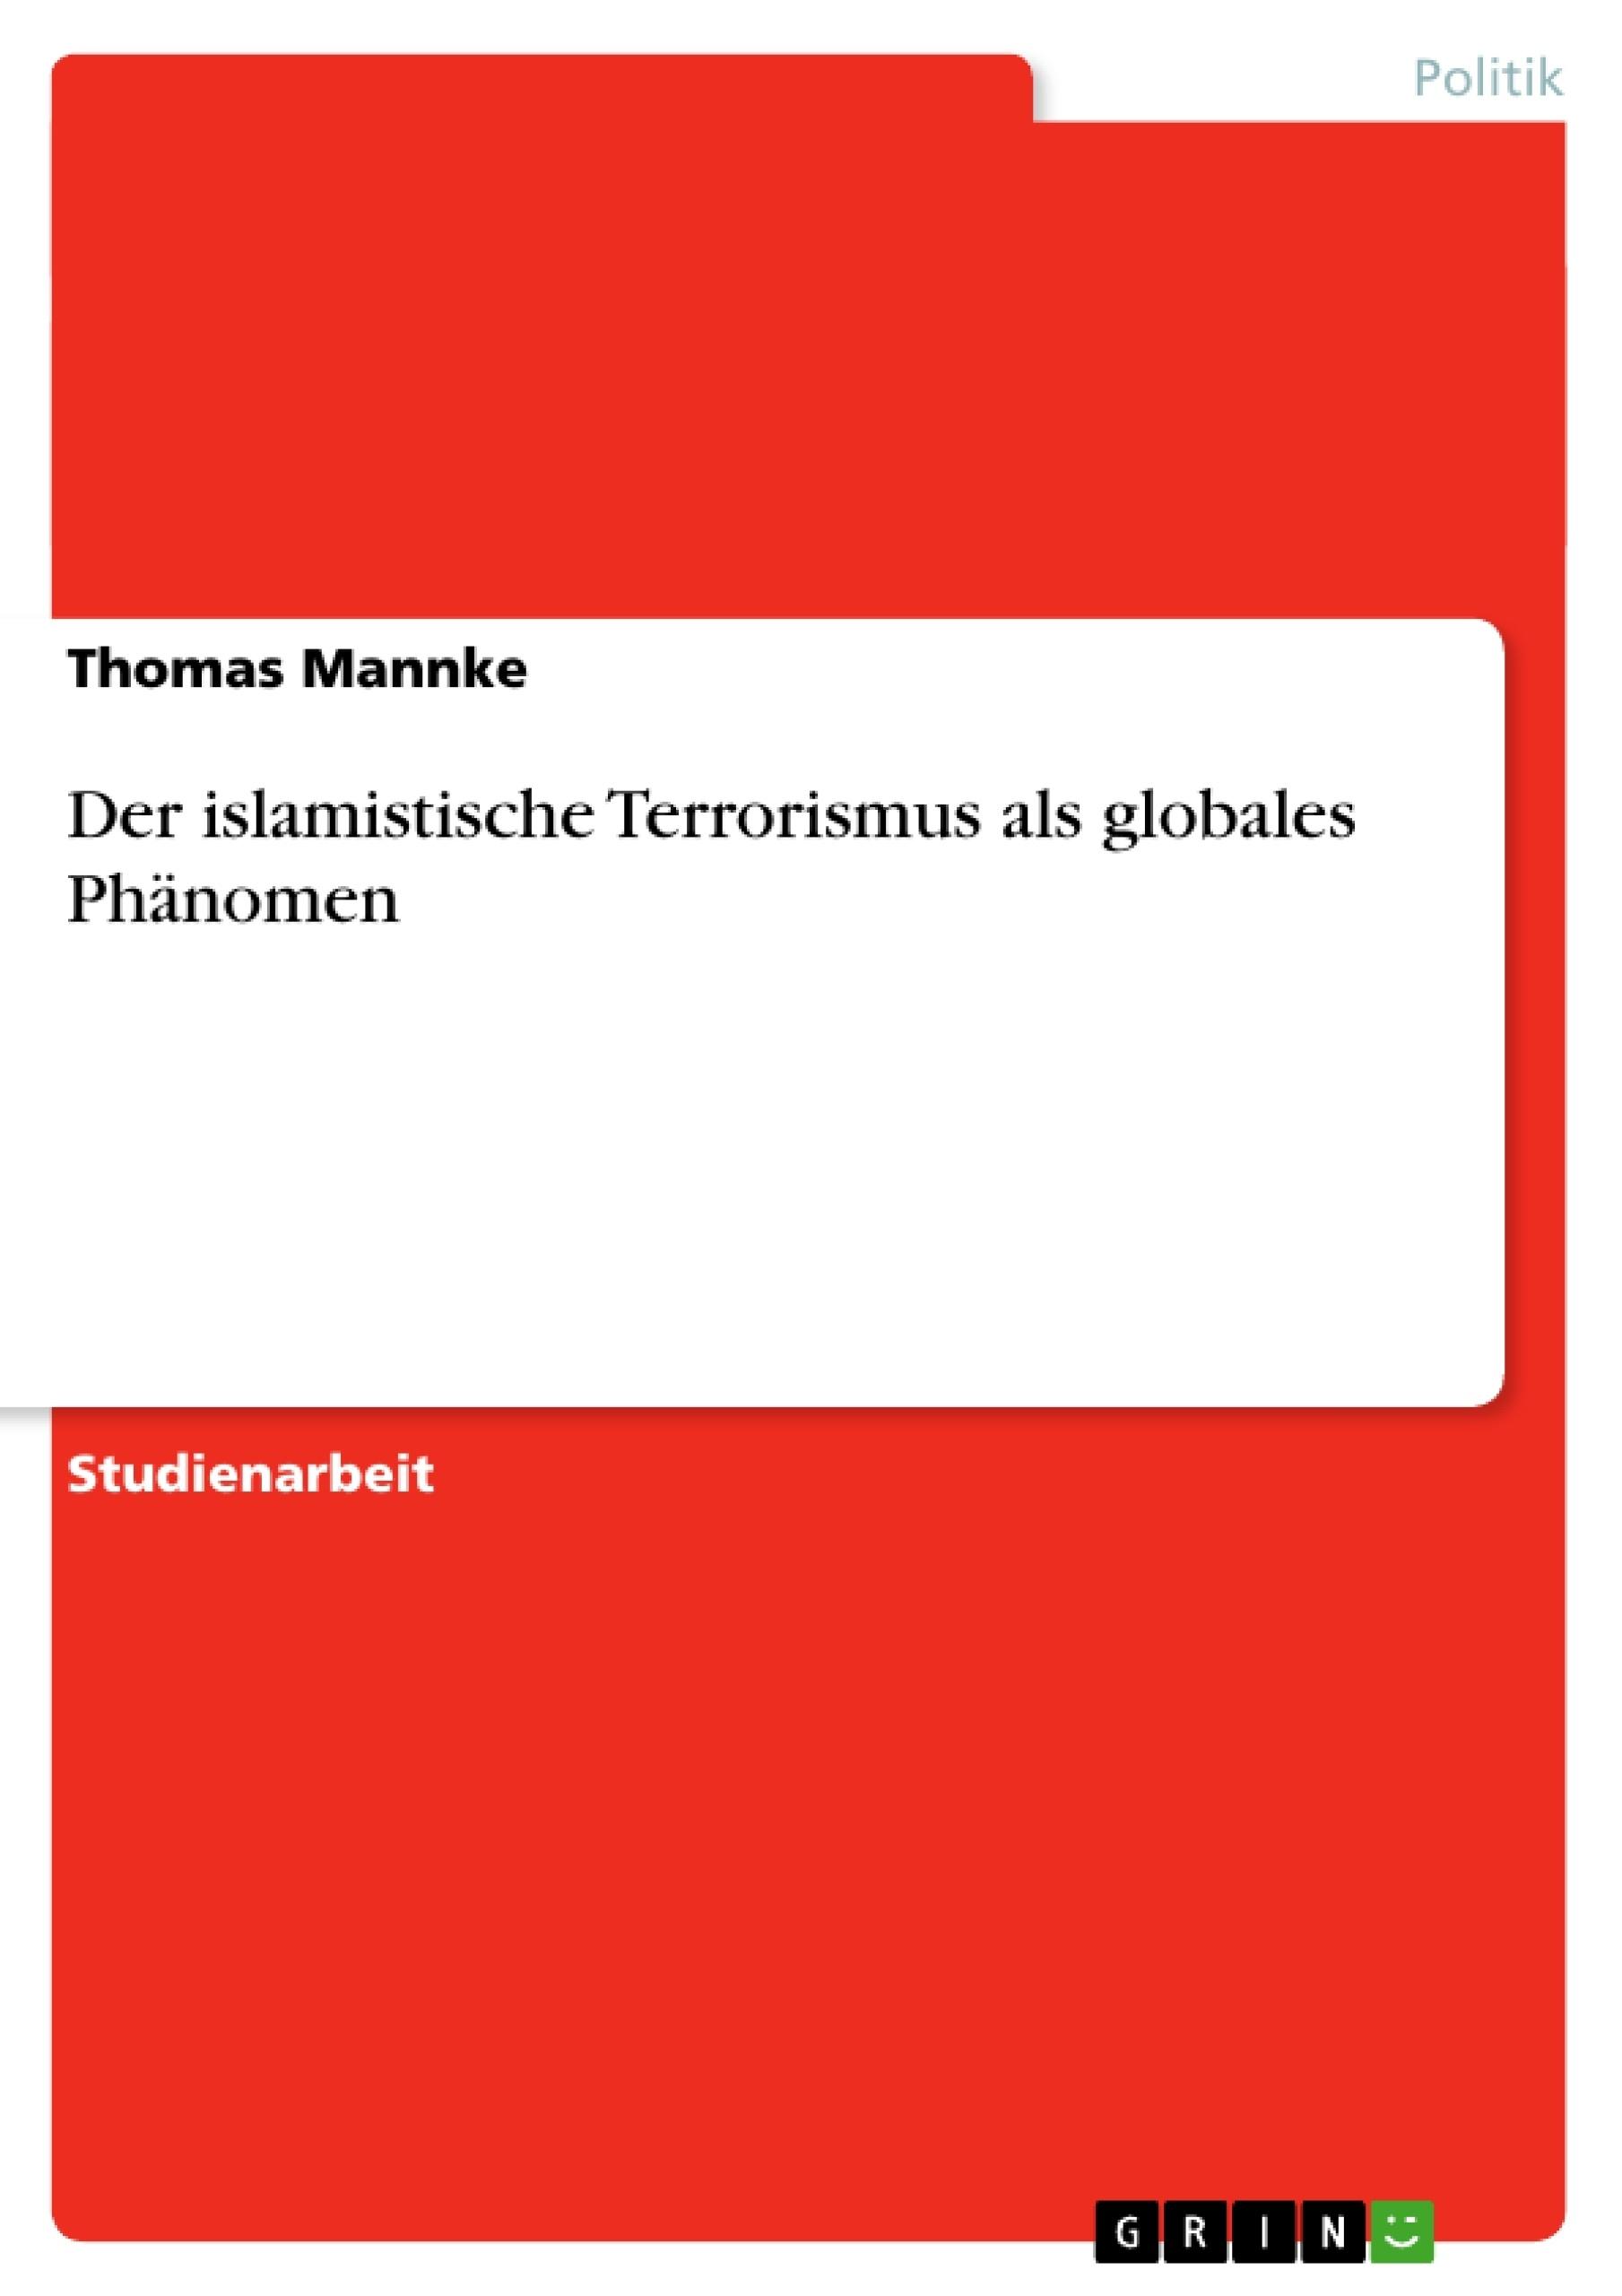 Titel: Der islamistische Terrorismus als globales Phänomen